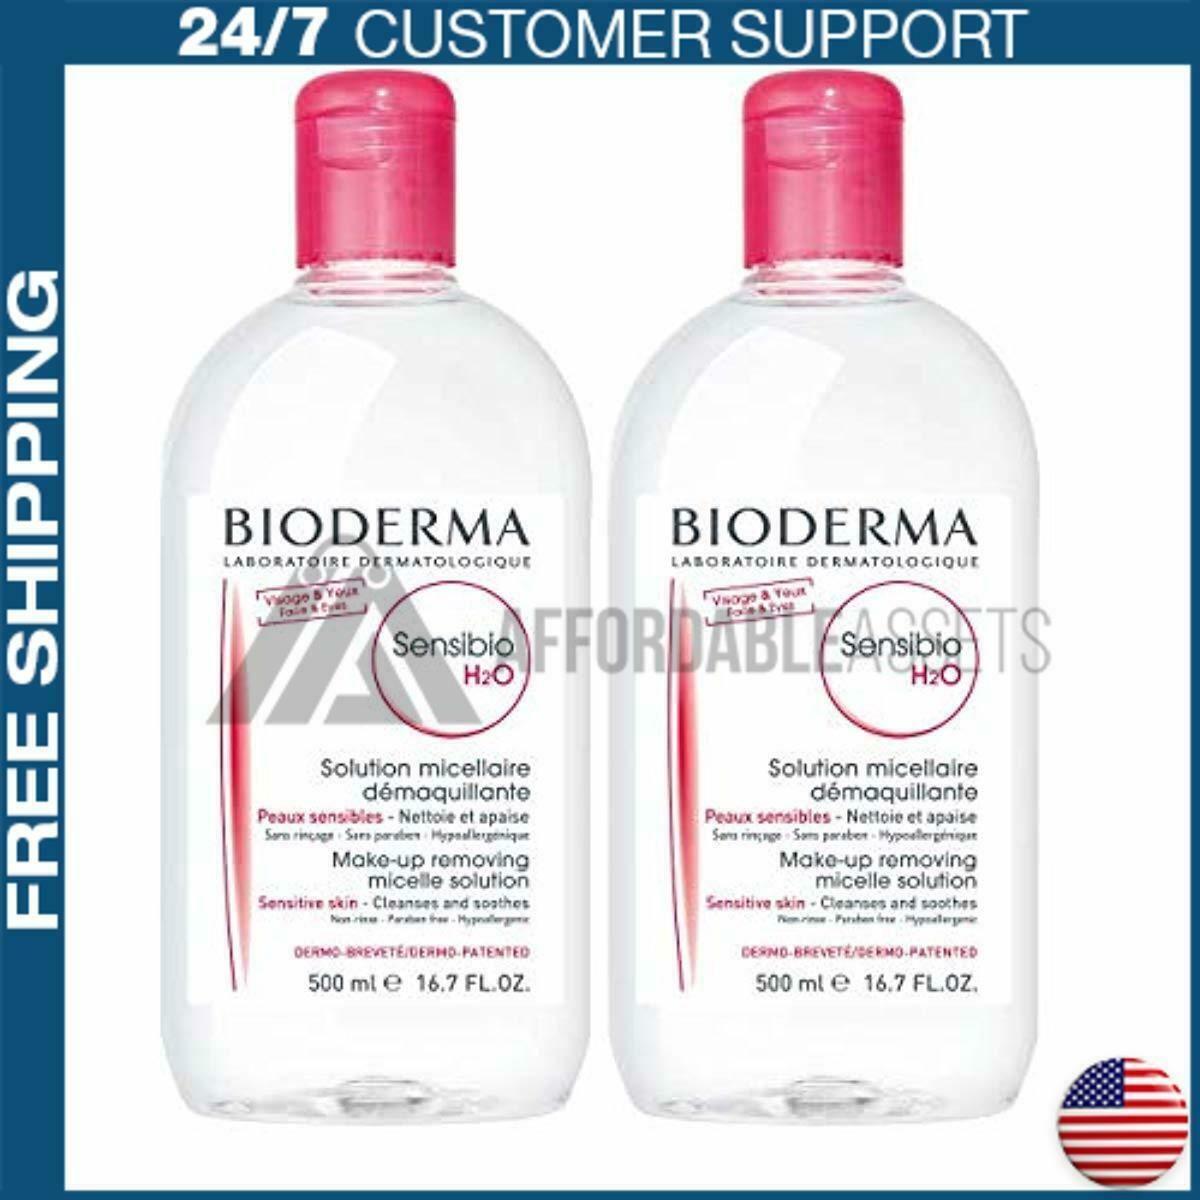 Bioderma Sensibio H2O Soothing Micellar Cleansing Water